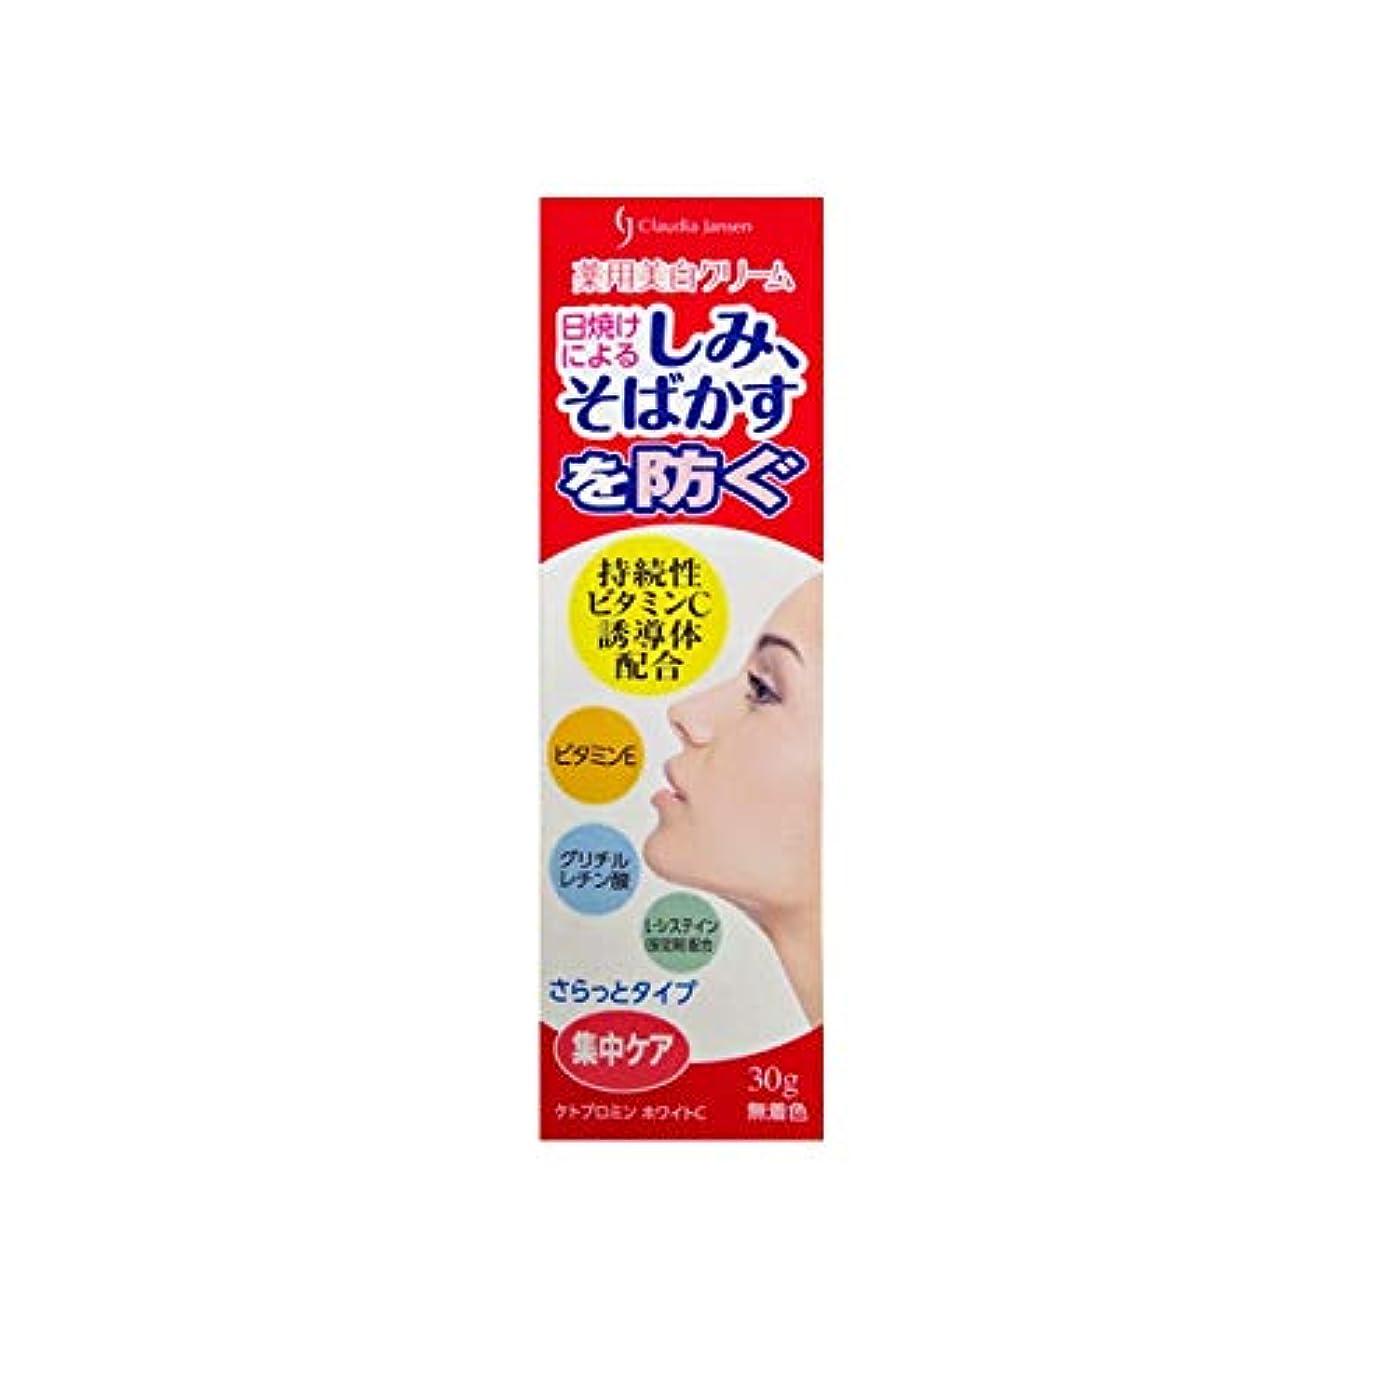 程度形式今後三友薬品 医薬部外品 薬用ホワイトニングクリームC 30g